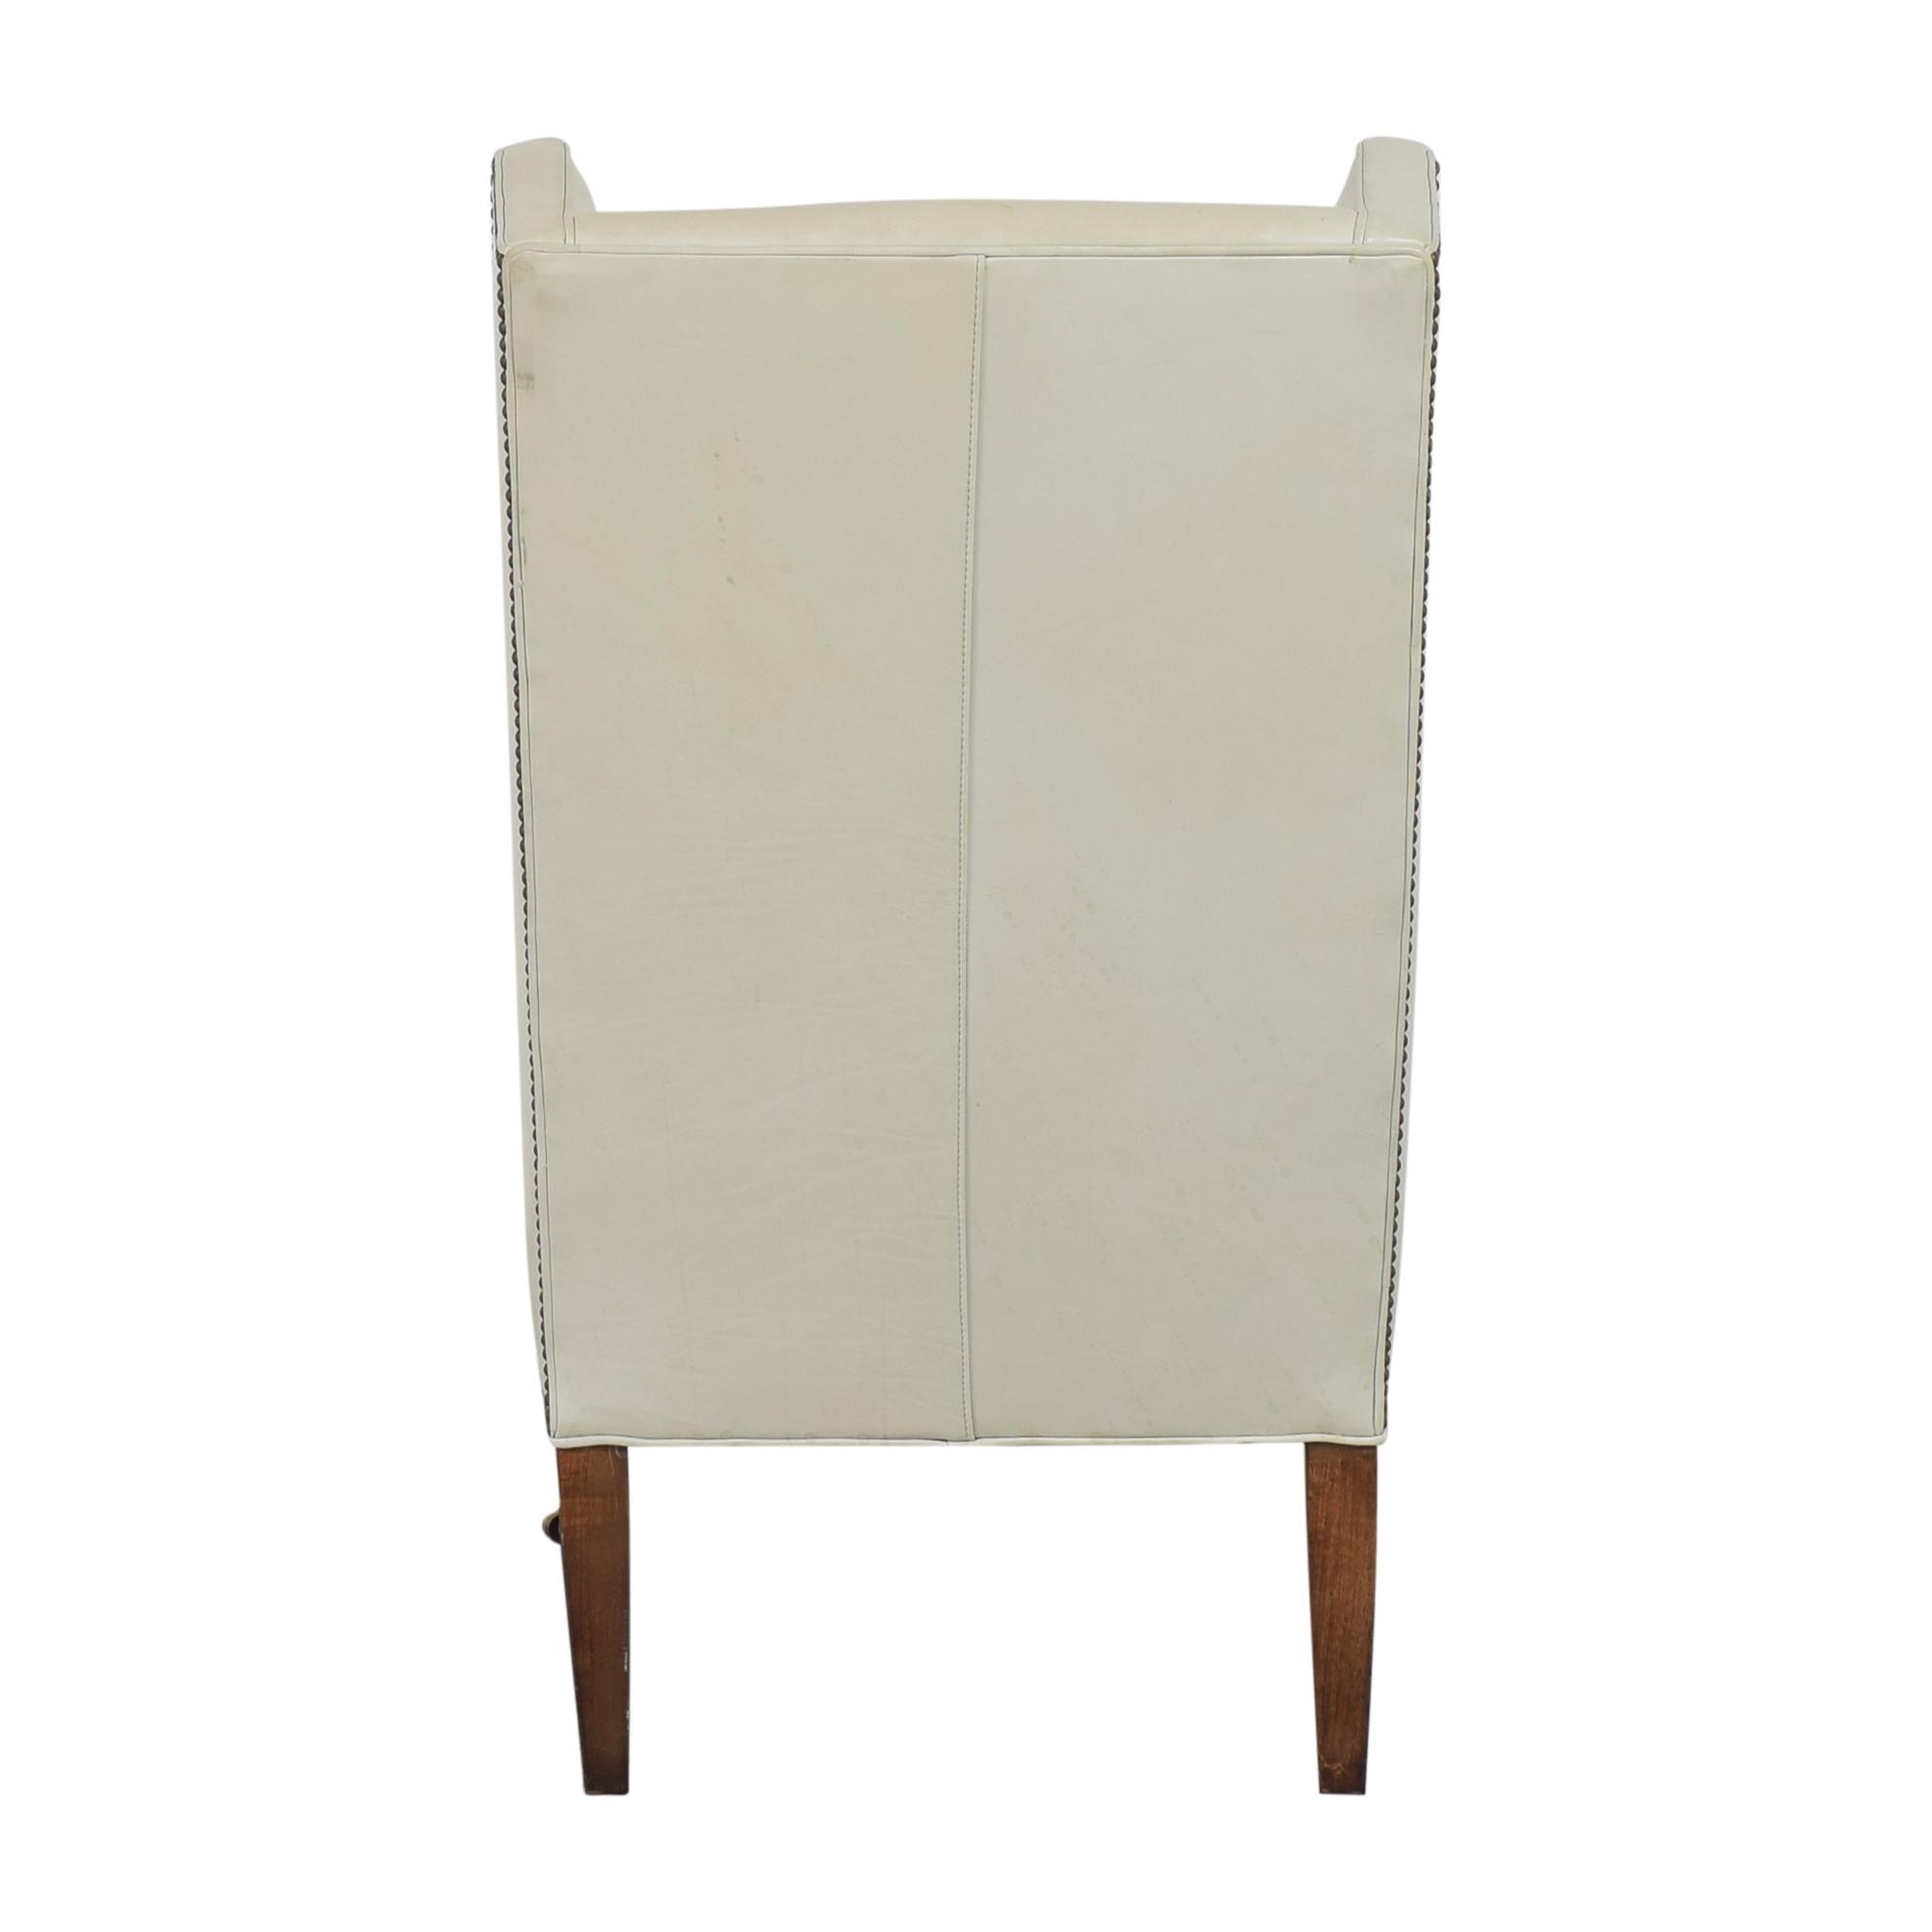 Crate & Barrel Crate & Barrel Wingback Chair nj